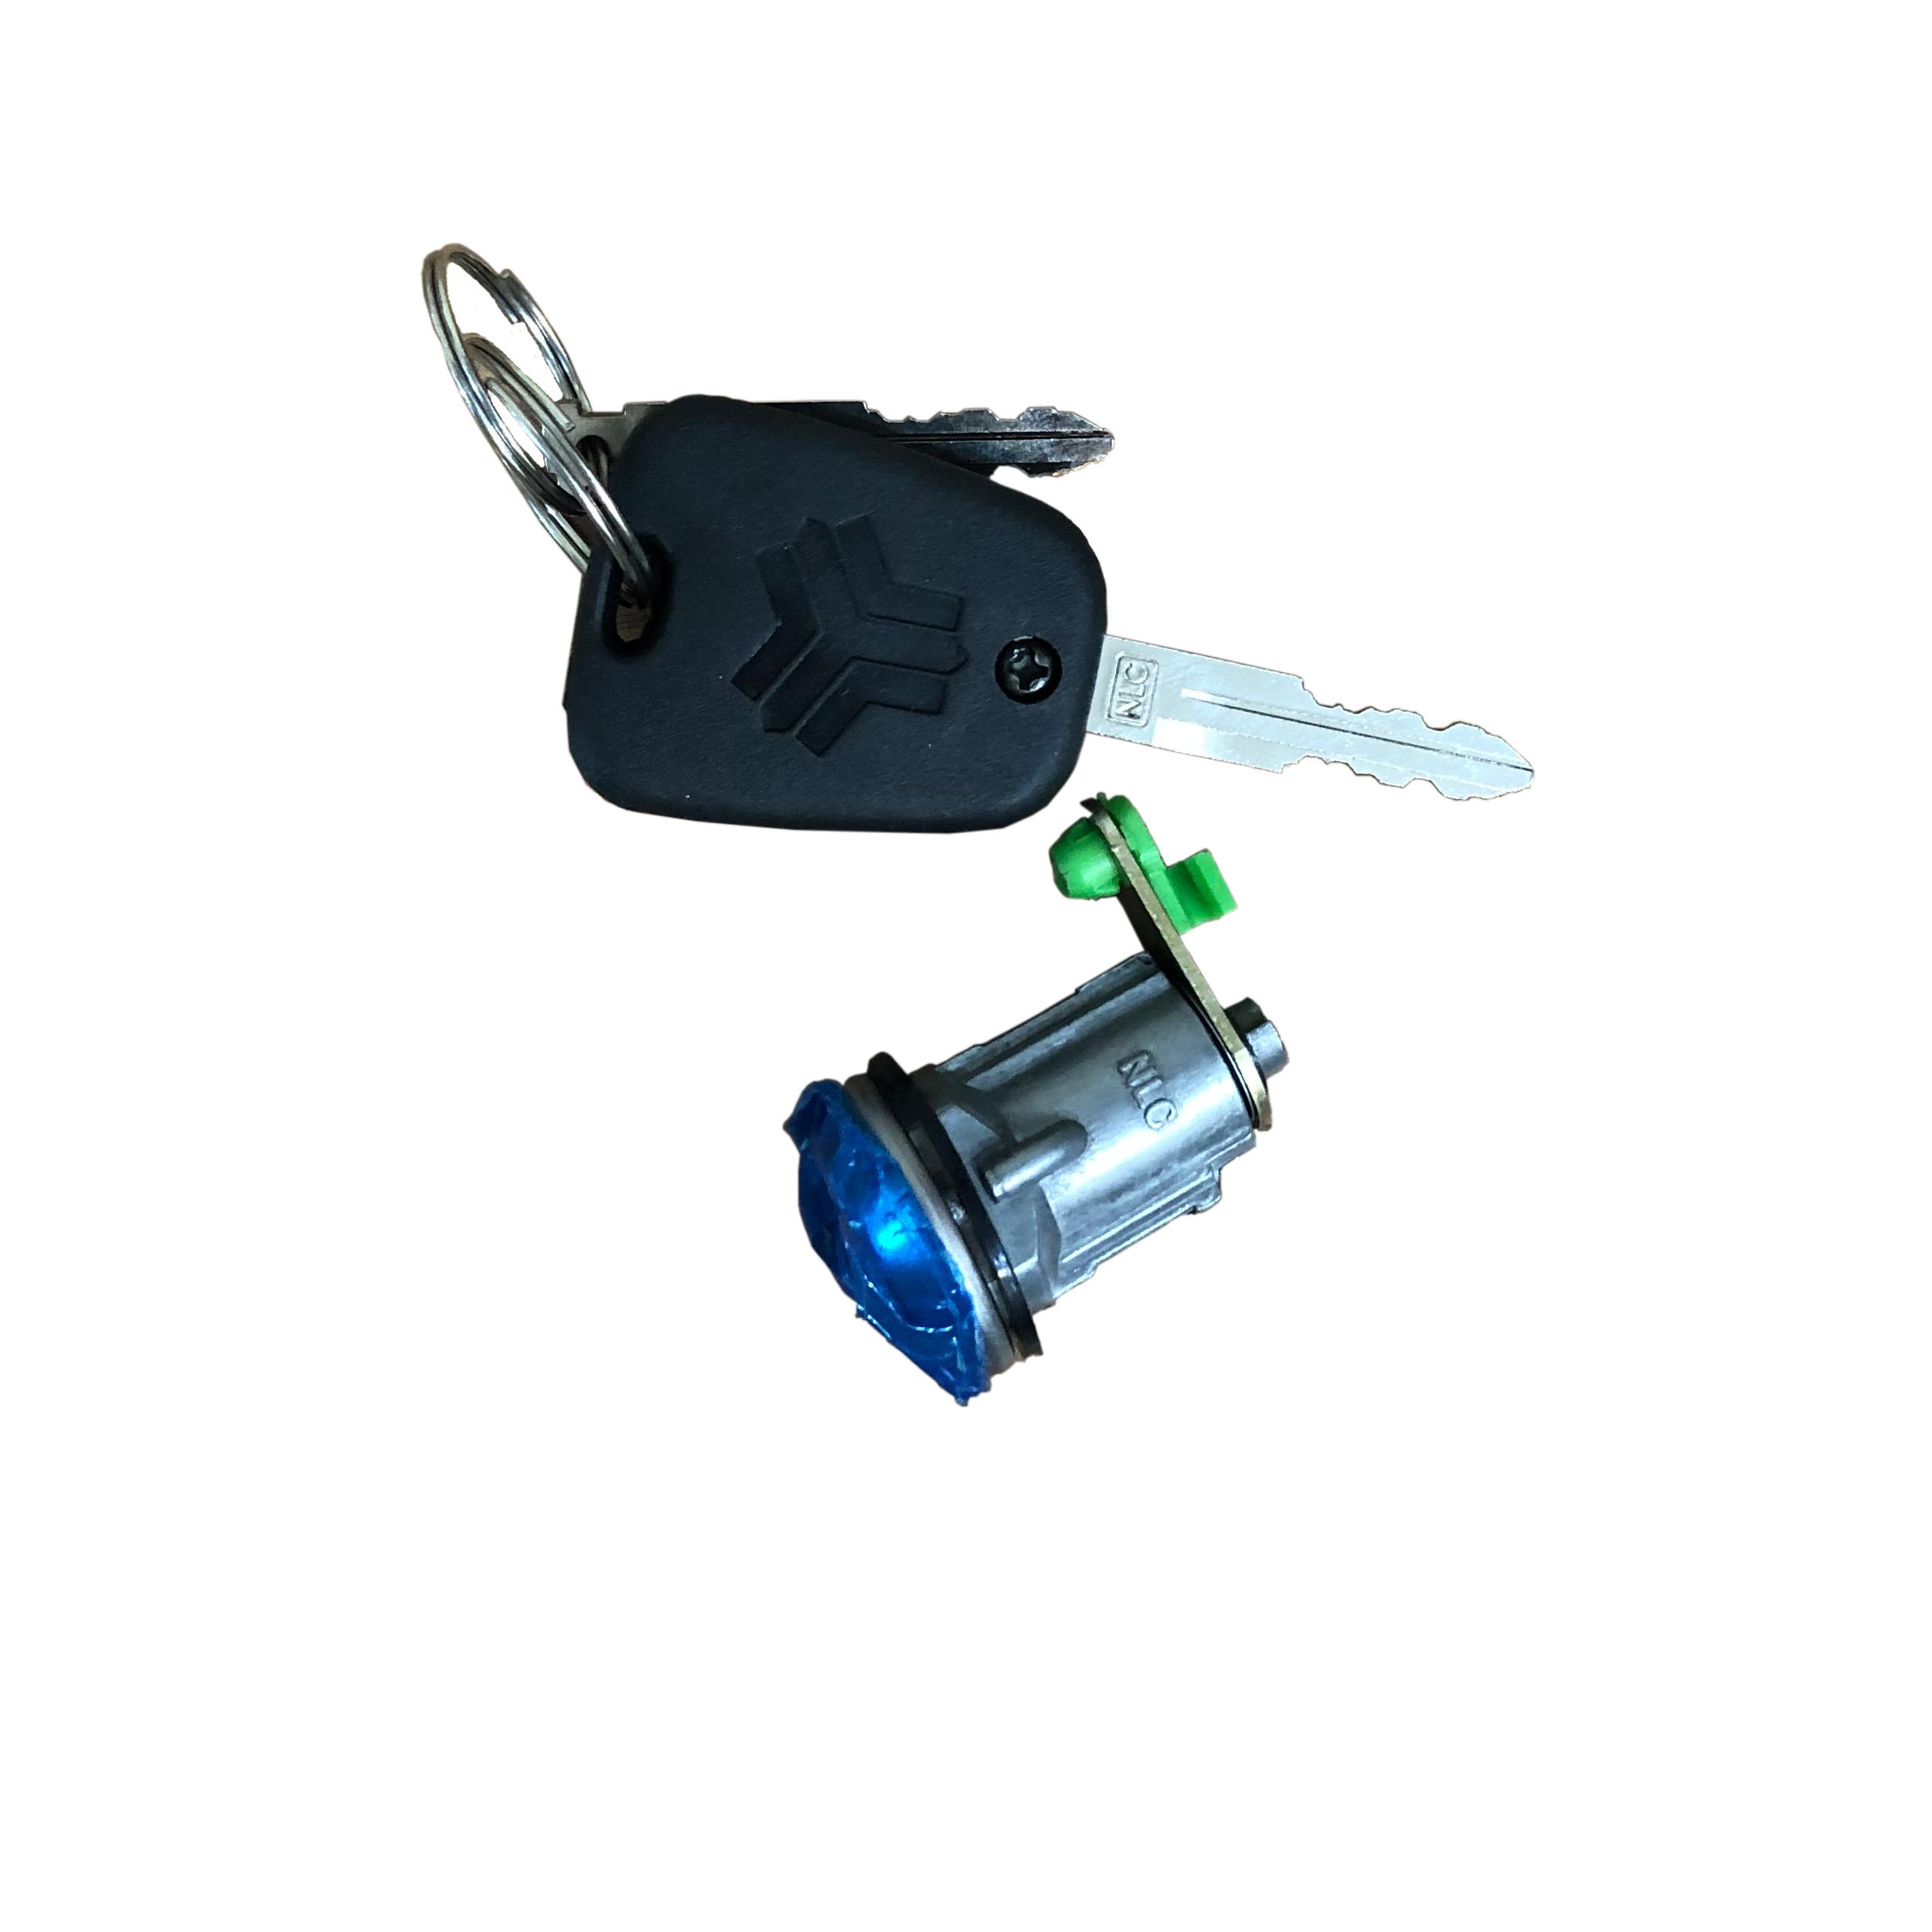 قفل سوئیچی صندوق الکا کد 65895 مناسب برای تیبا